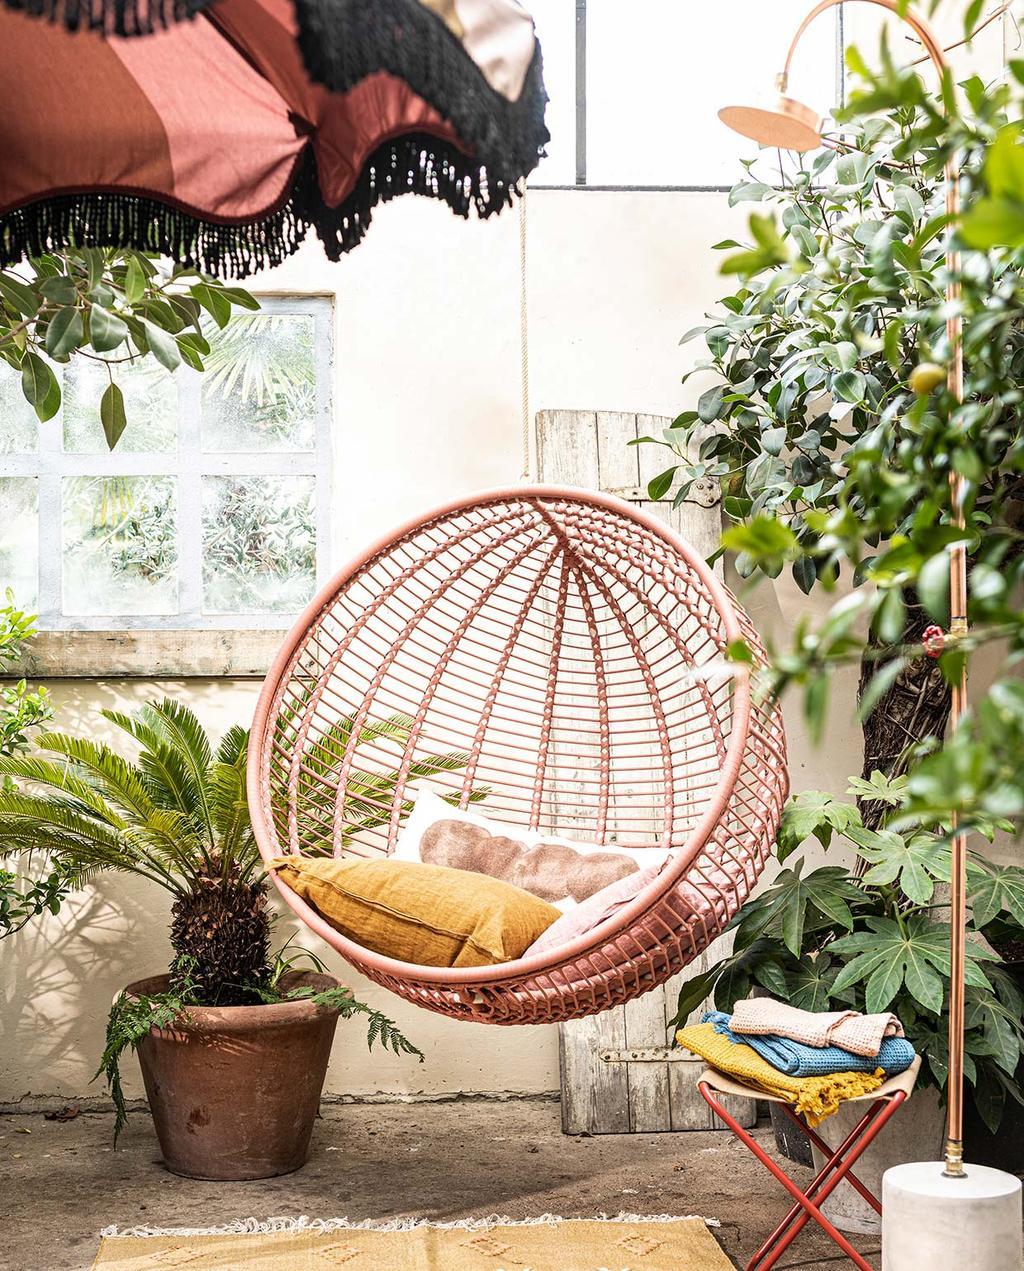 vtwonen 07-2021 | ronde roze hangstoel in de tuin met een okergeel kussen